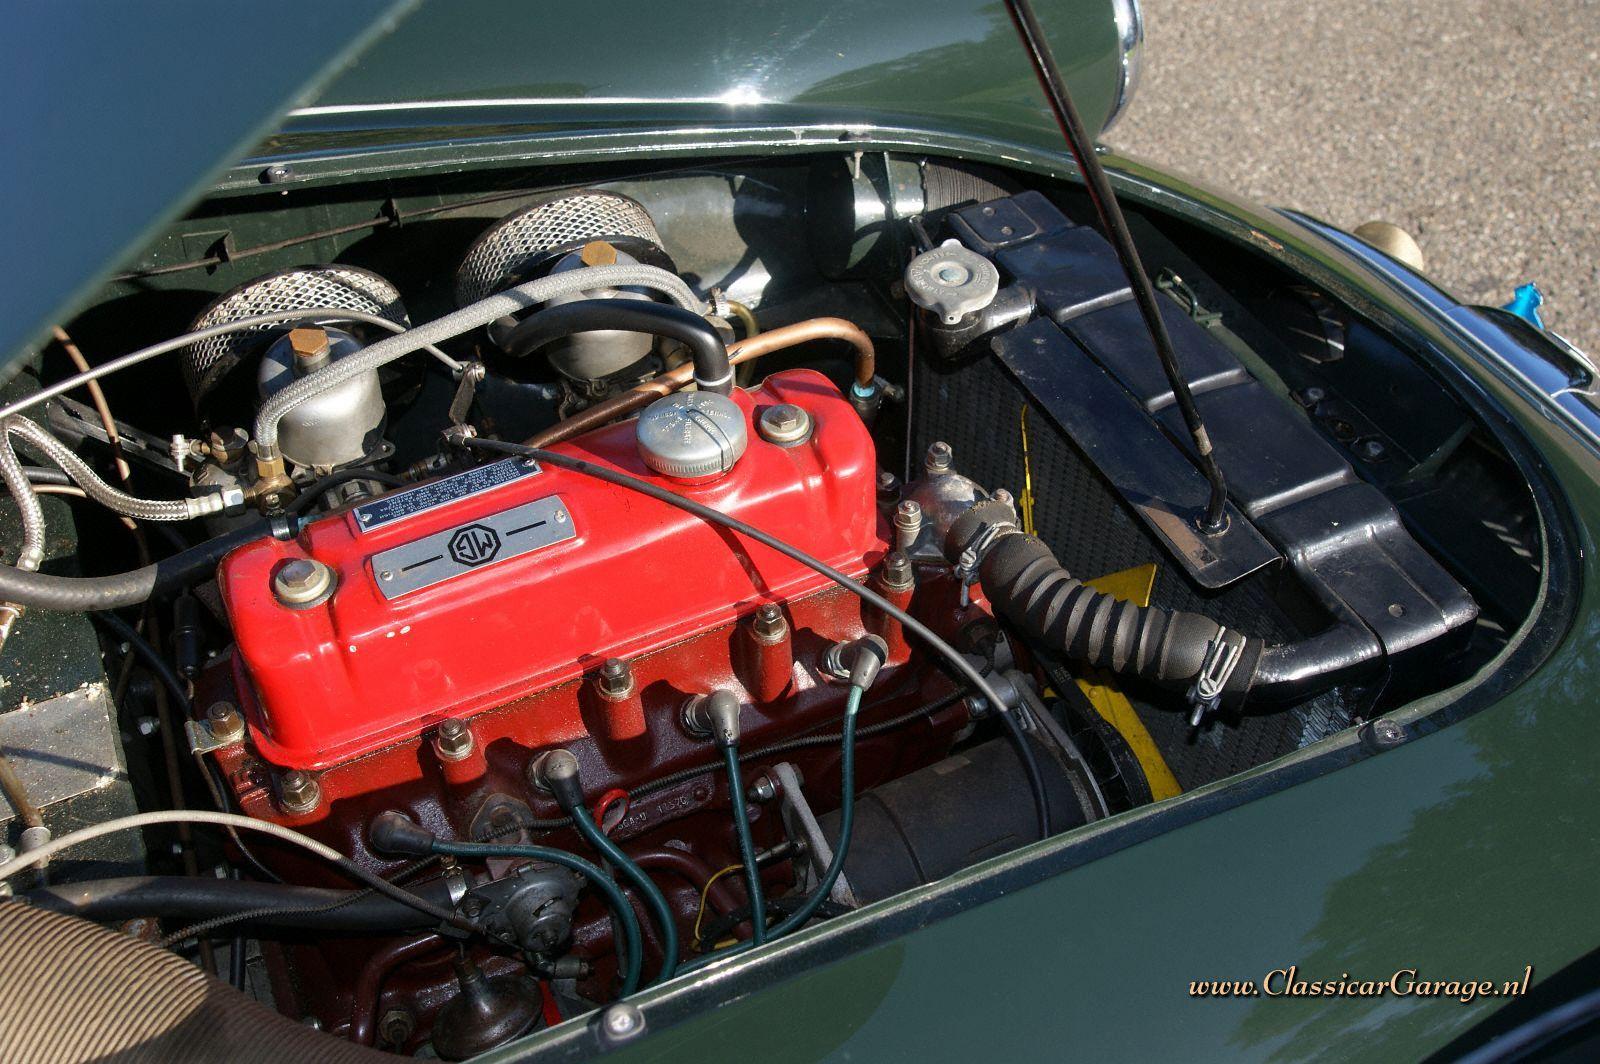 1977 Mgb Engine Diagram